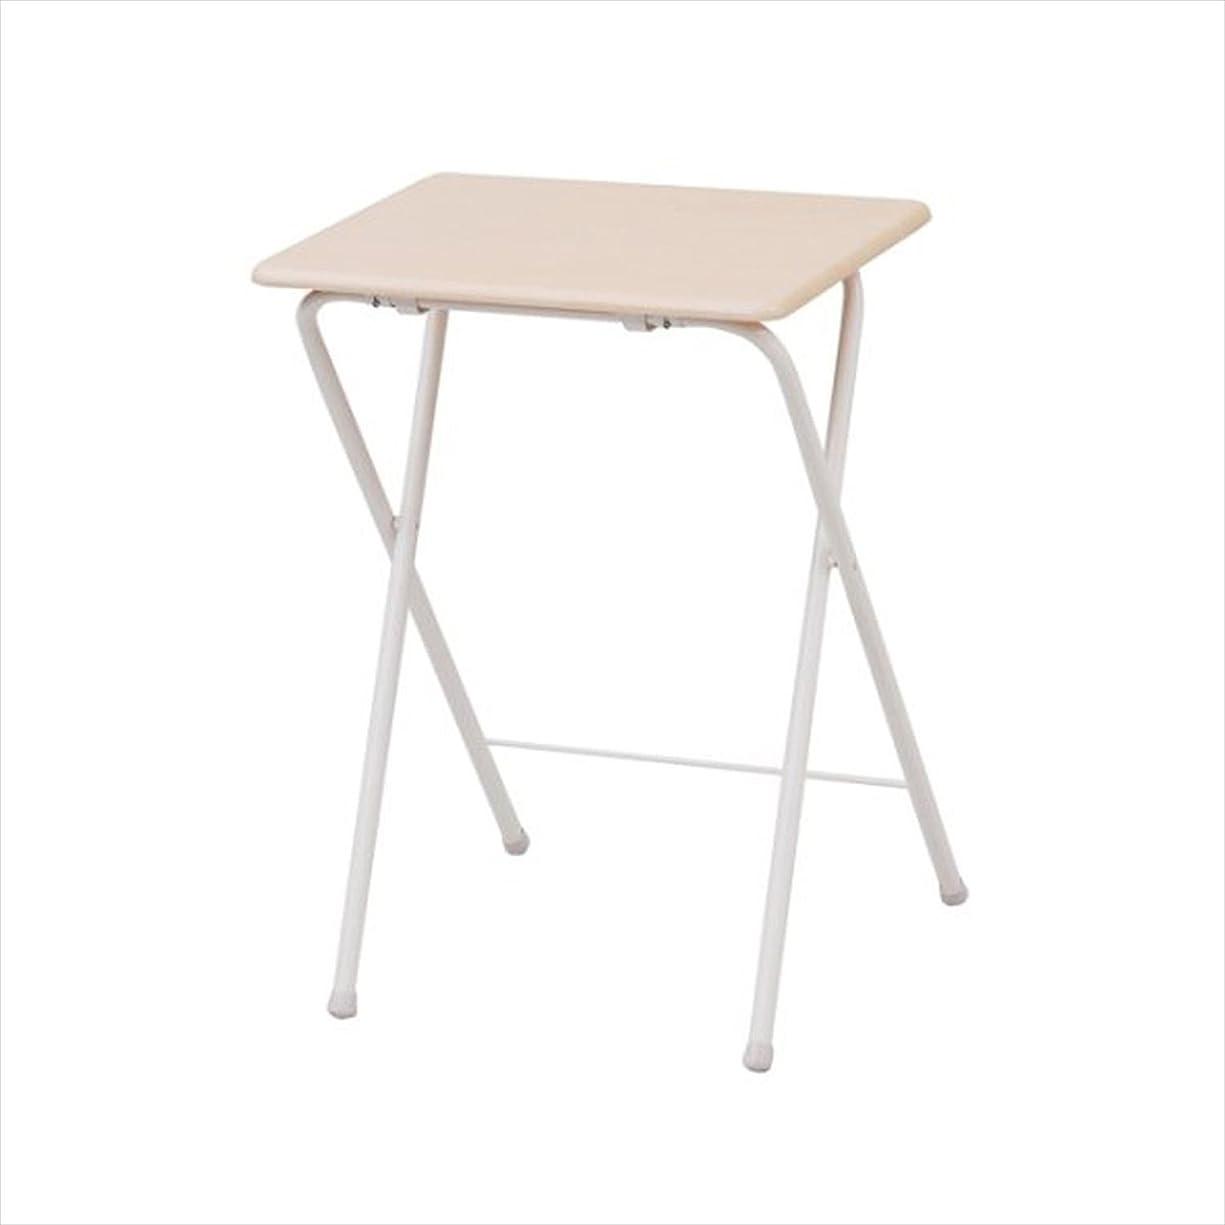 まだ磁石一定山善(YAMAZEN) テーブル ミニ 折りたたみ式 サイドテーブル 幅50×奥行48×高さ70cm ハイタイプ ナチュラルメイプル/アイボリー YST-5040H(NM/IV)